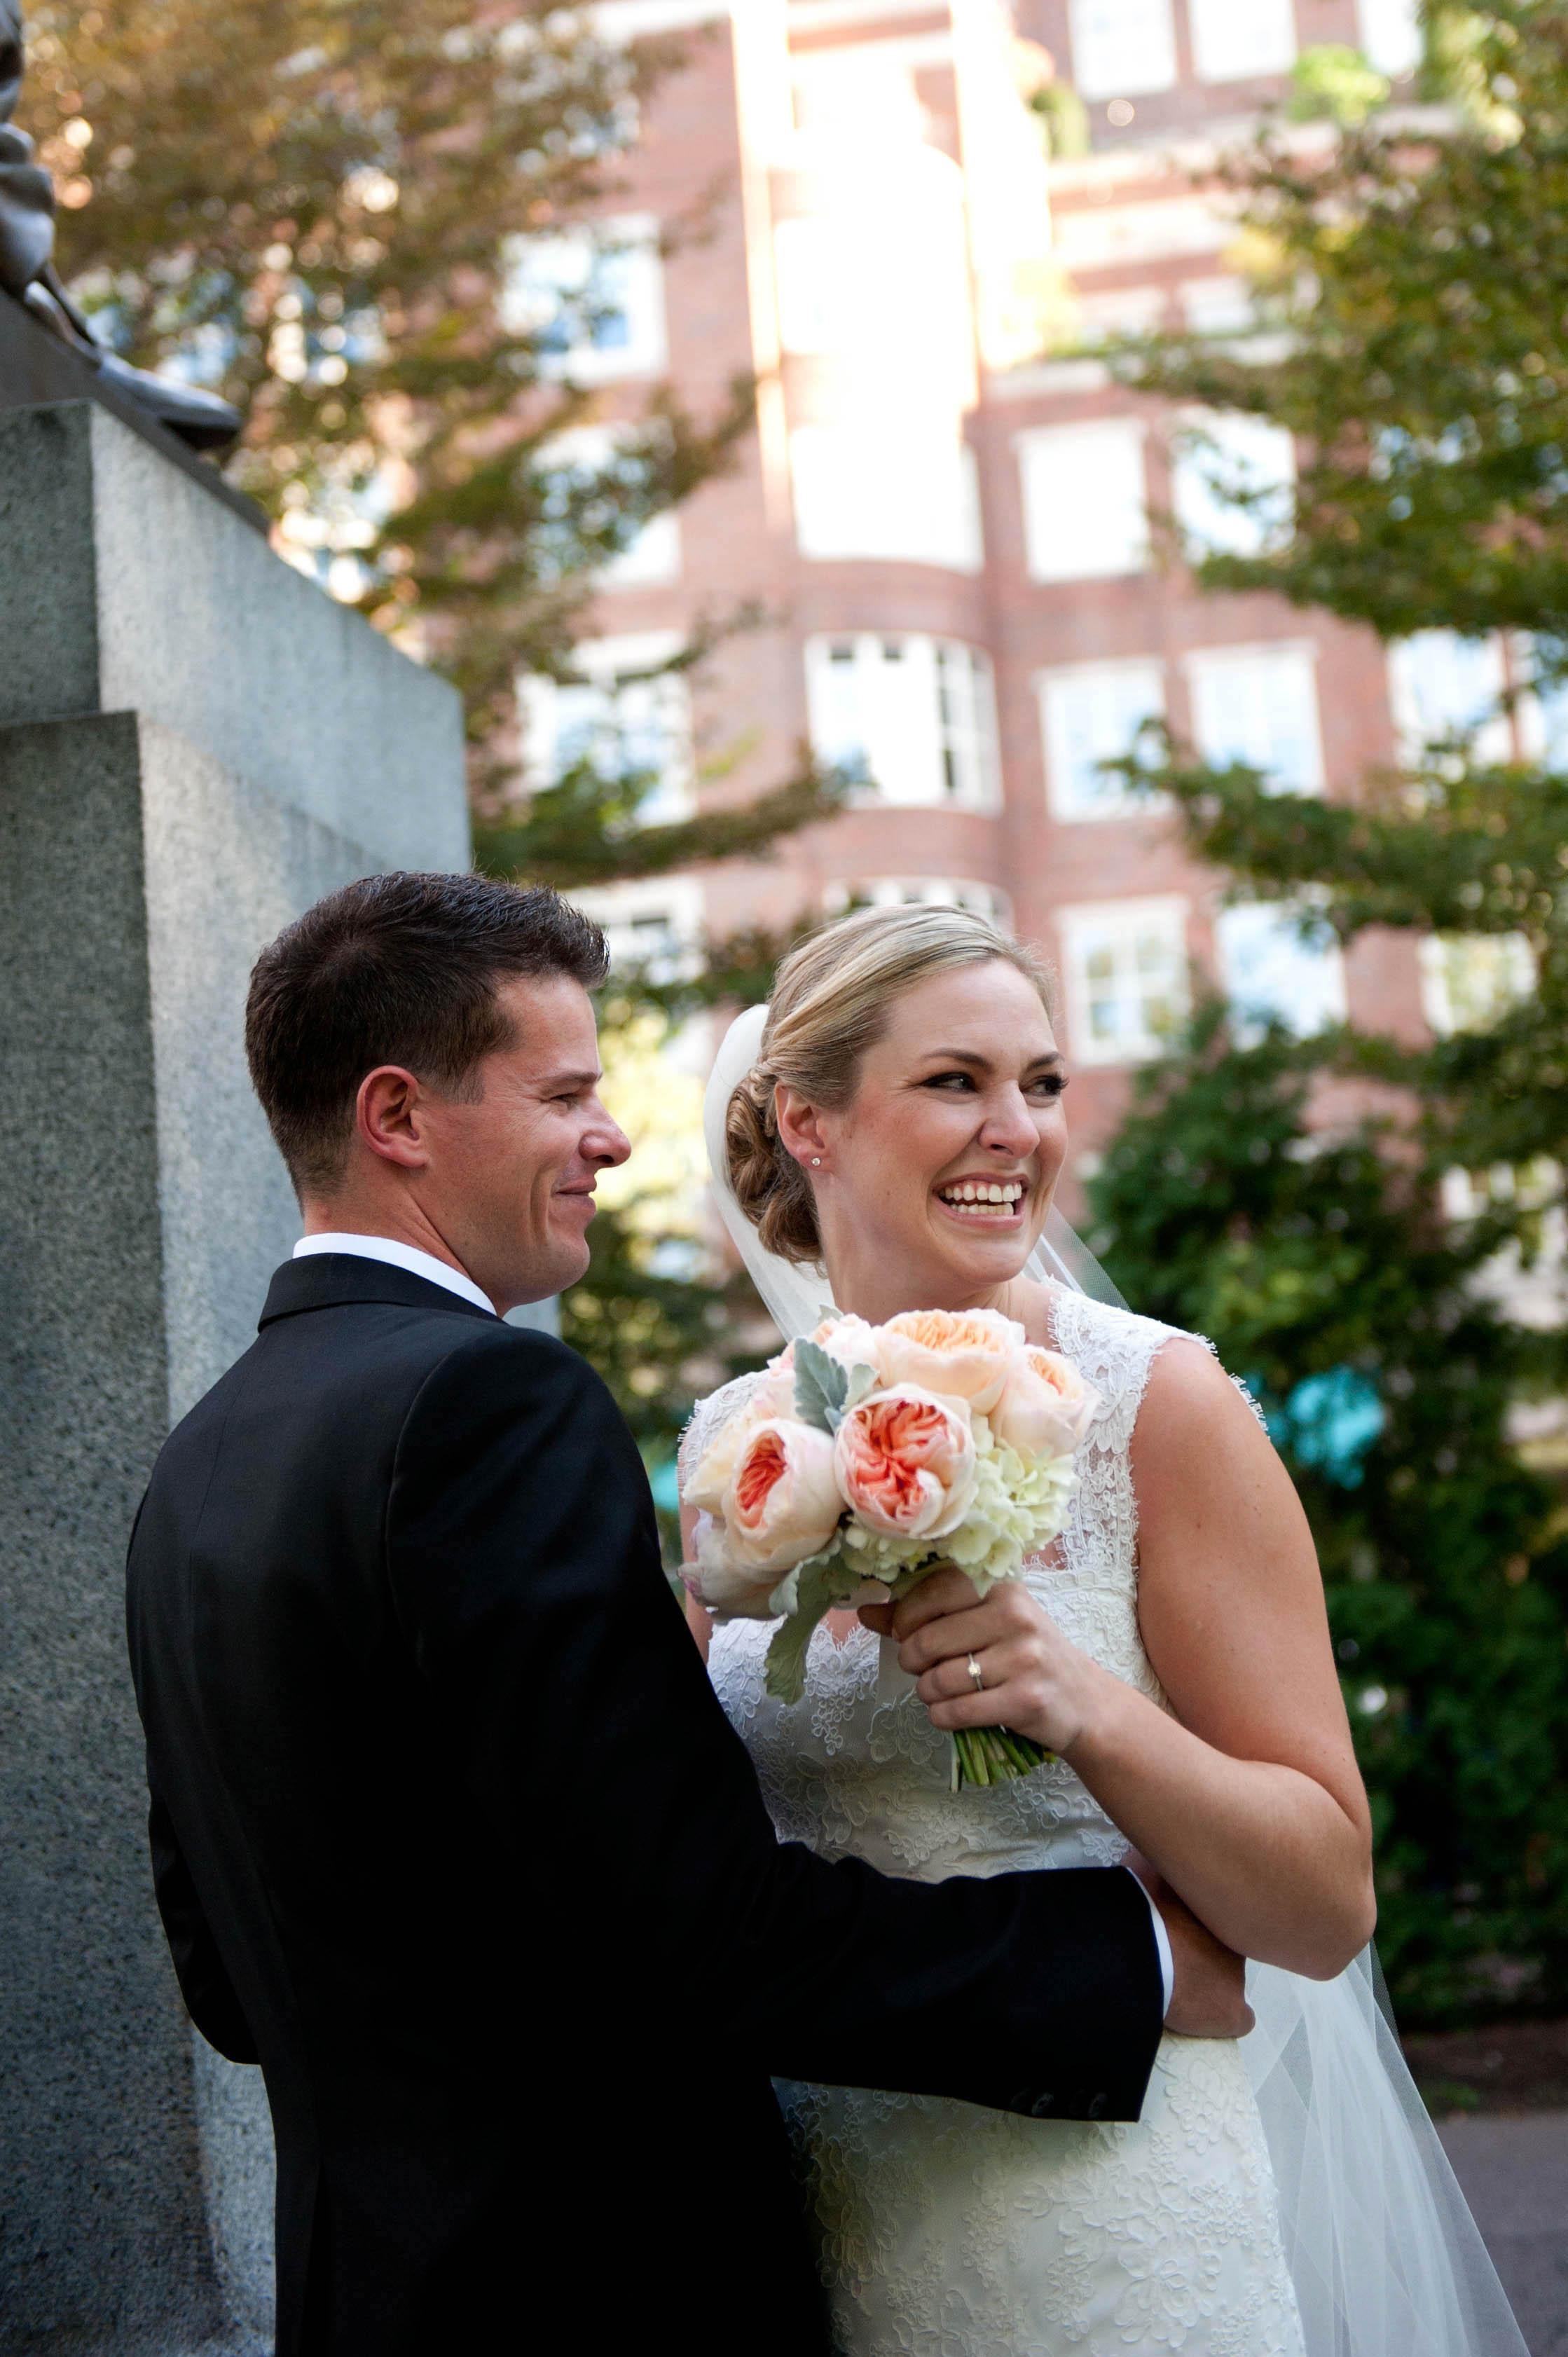 Taj_Wedding_Boston-17.jpg